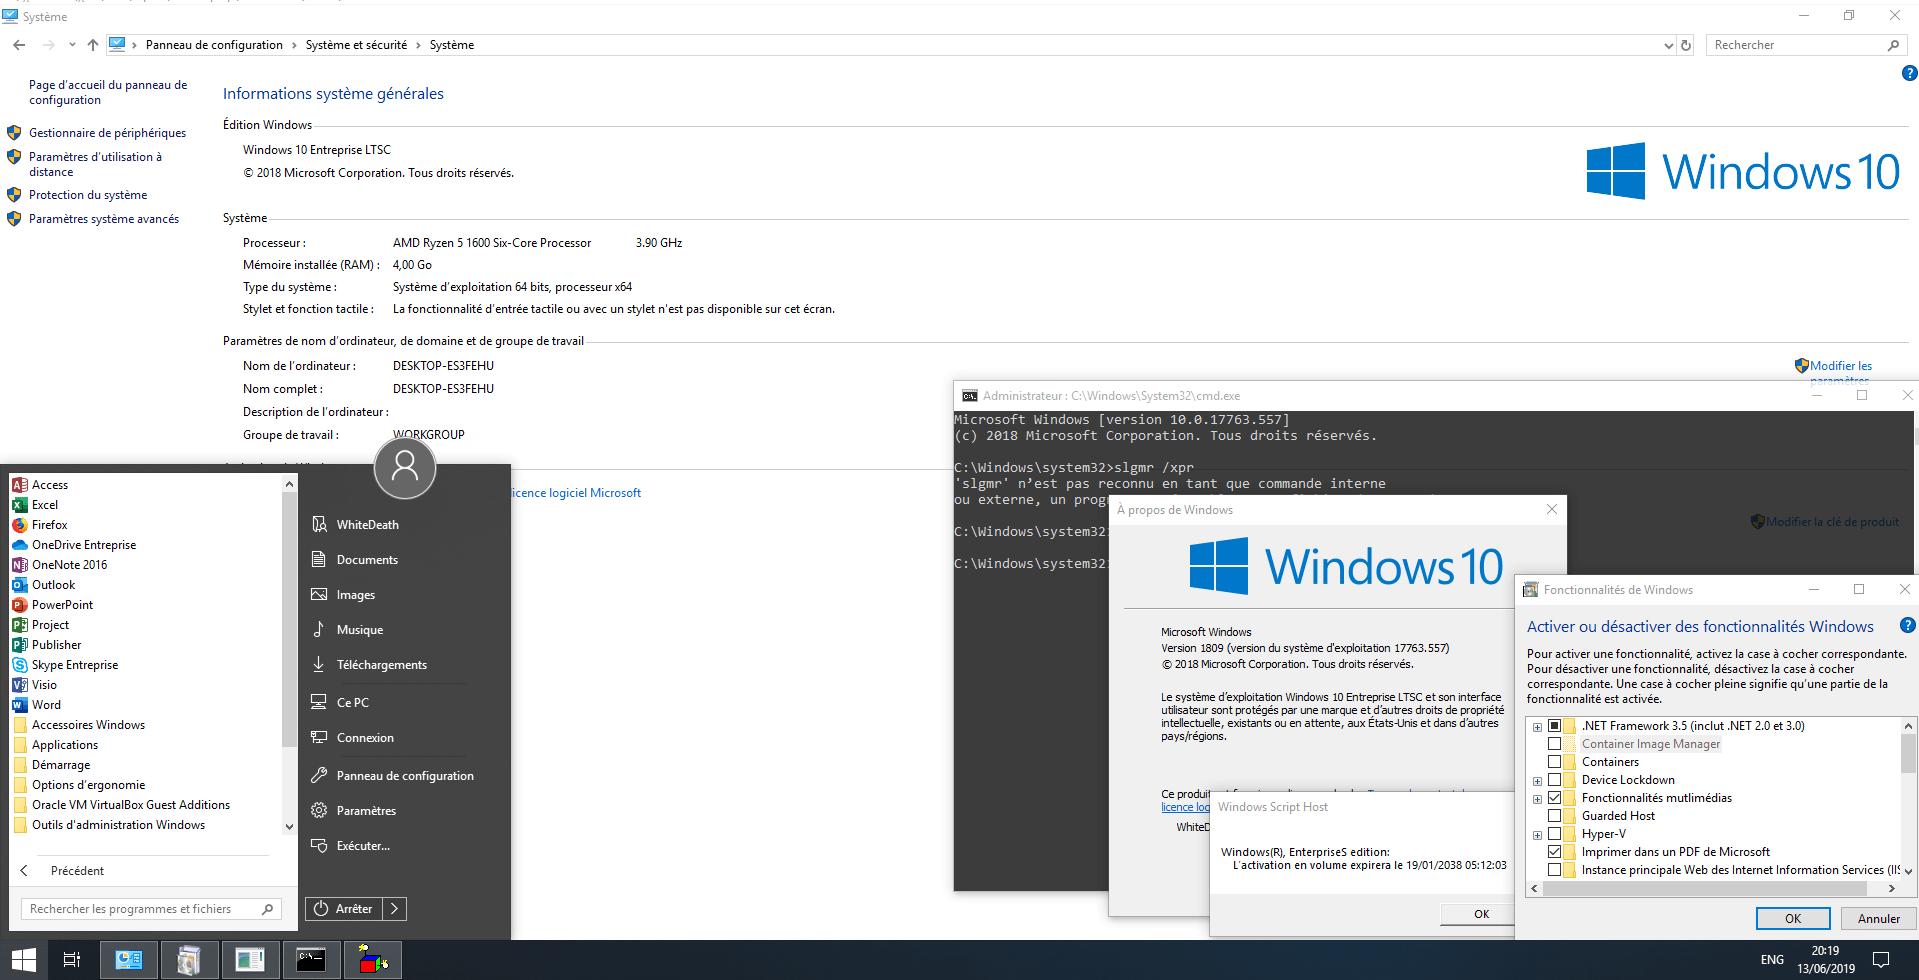 Download Windows 10 Enterprise LTSC MOD 2019 (x64) - SoftArchive